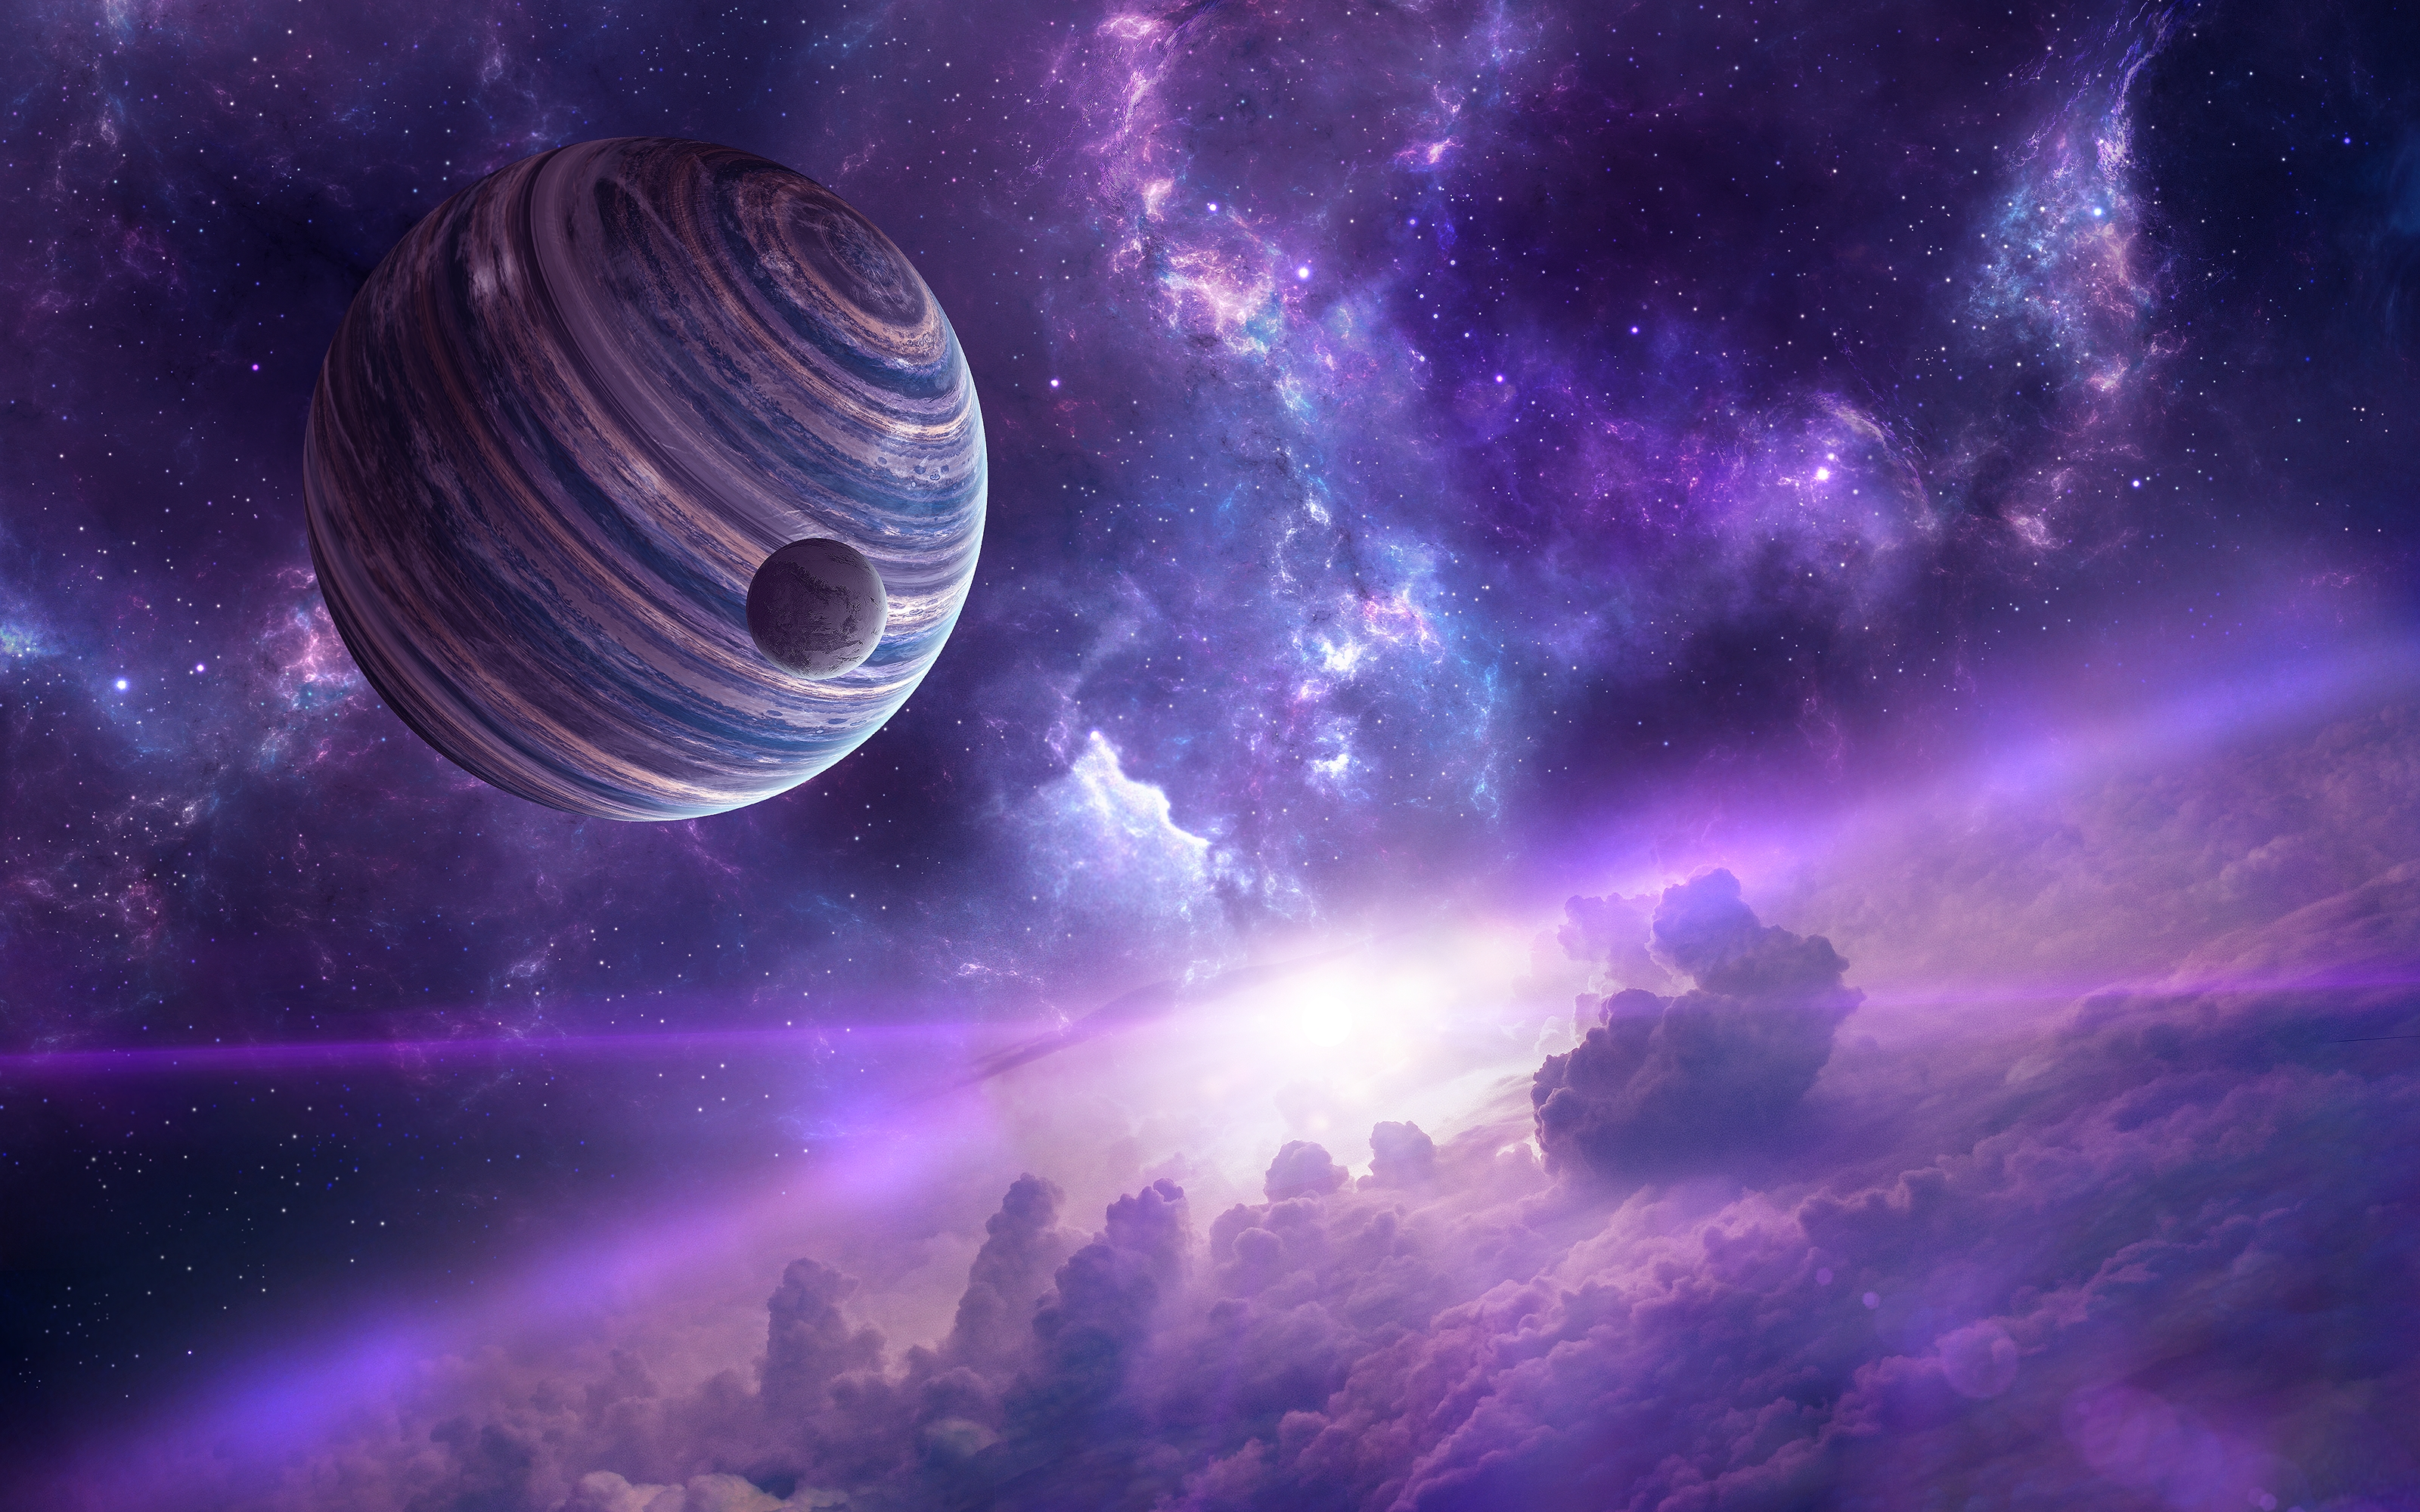 Nebula planets. обои скачать